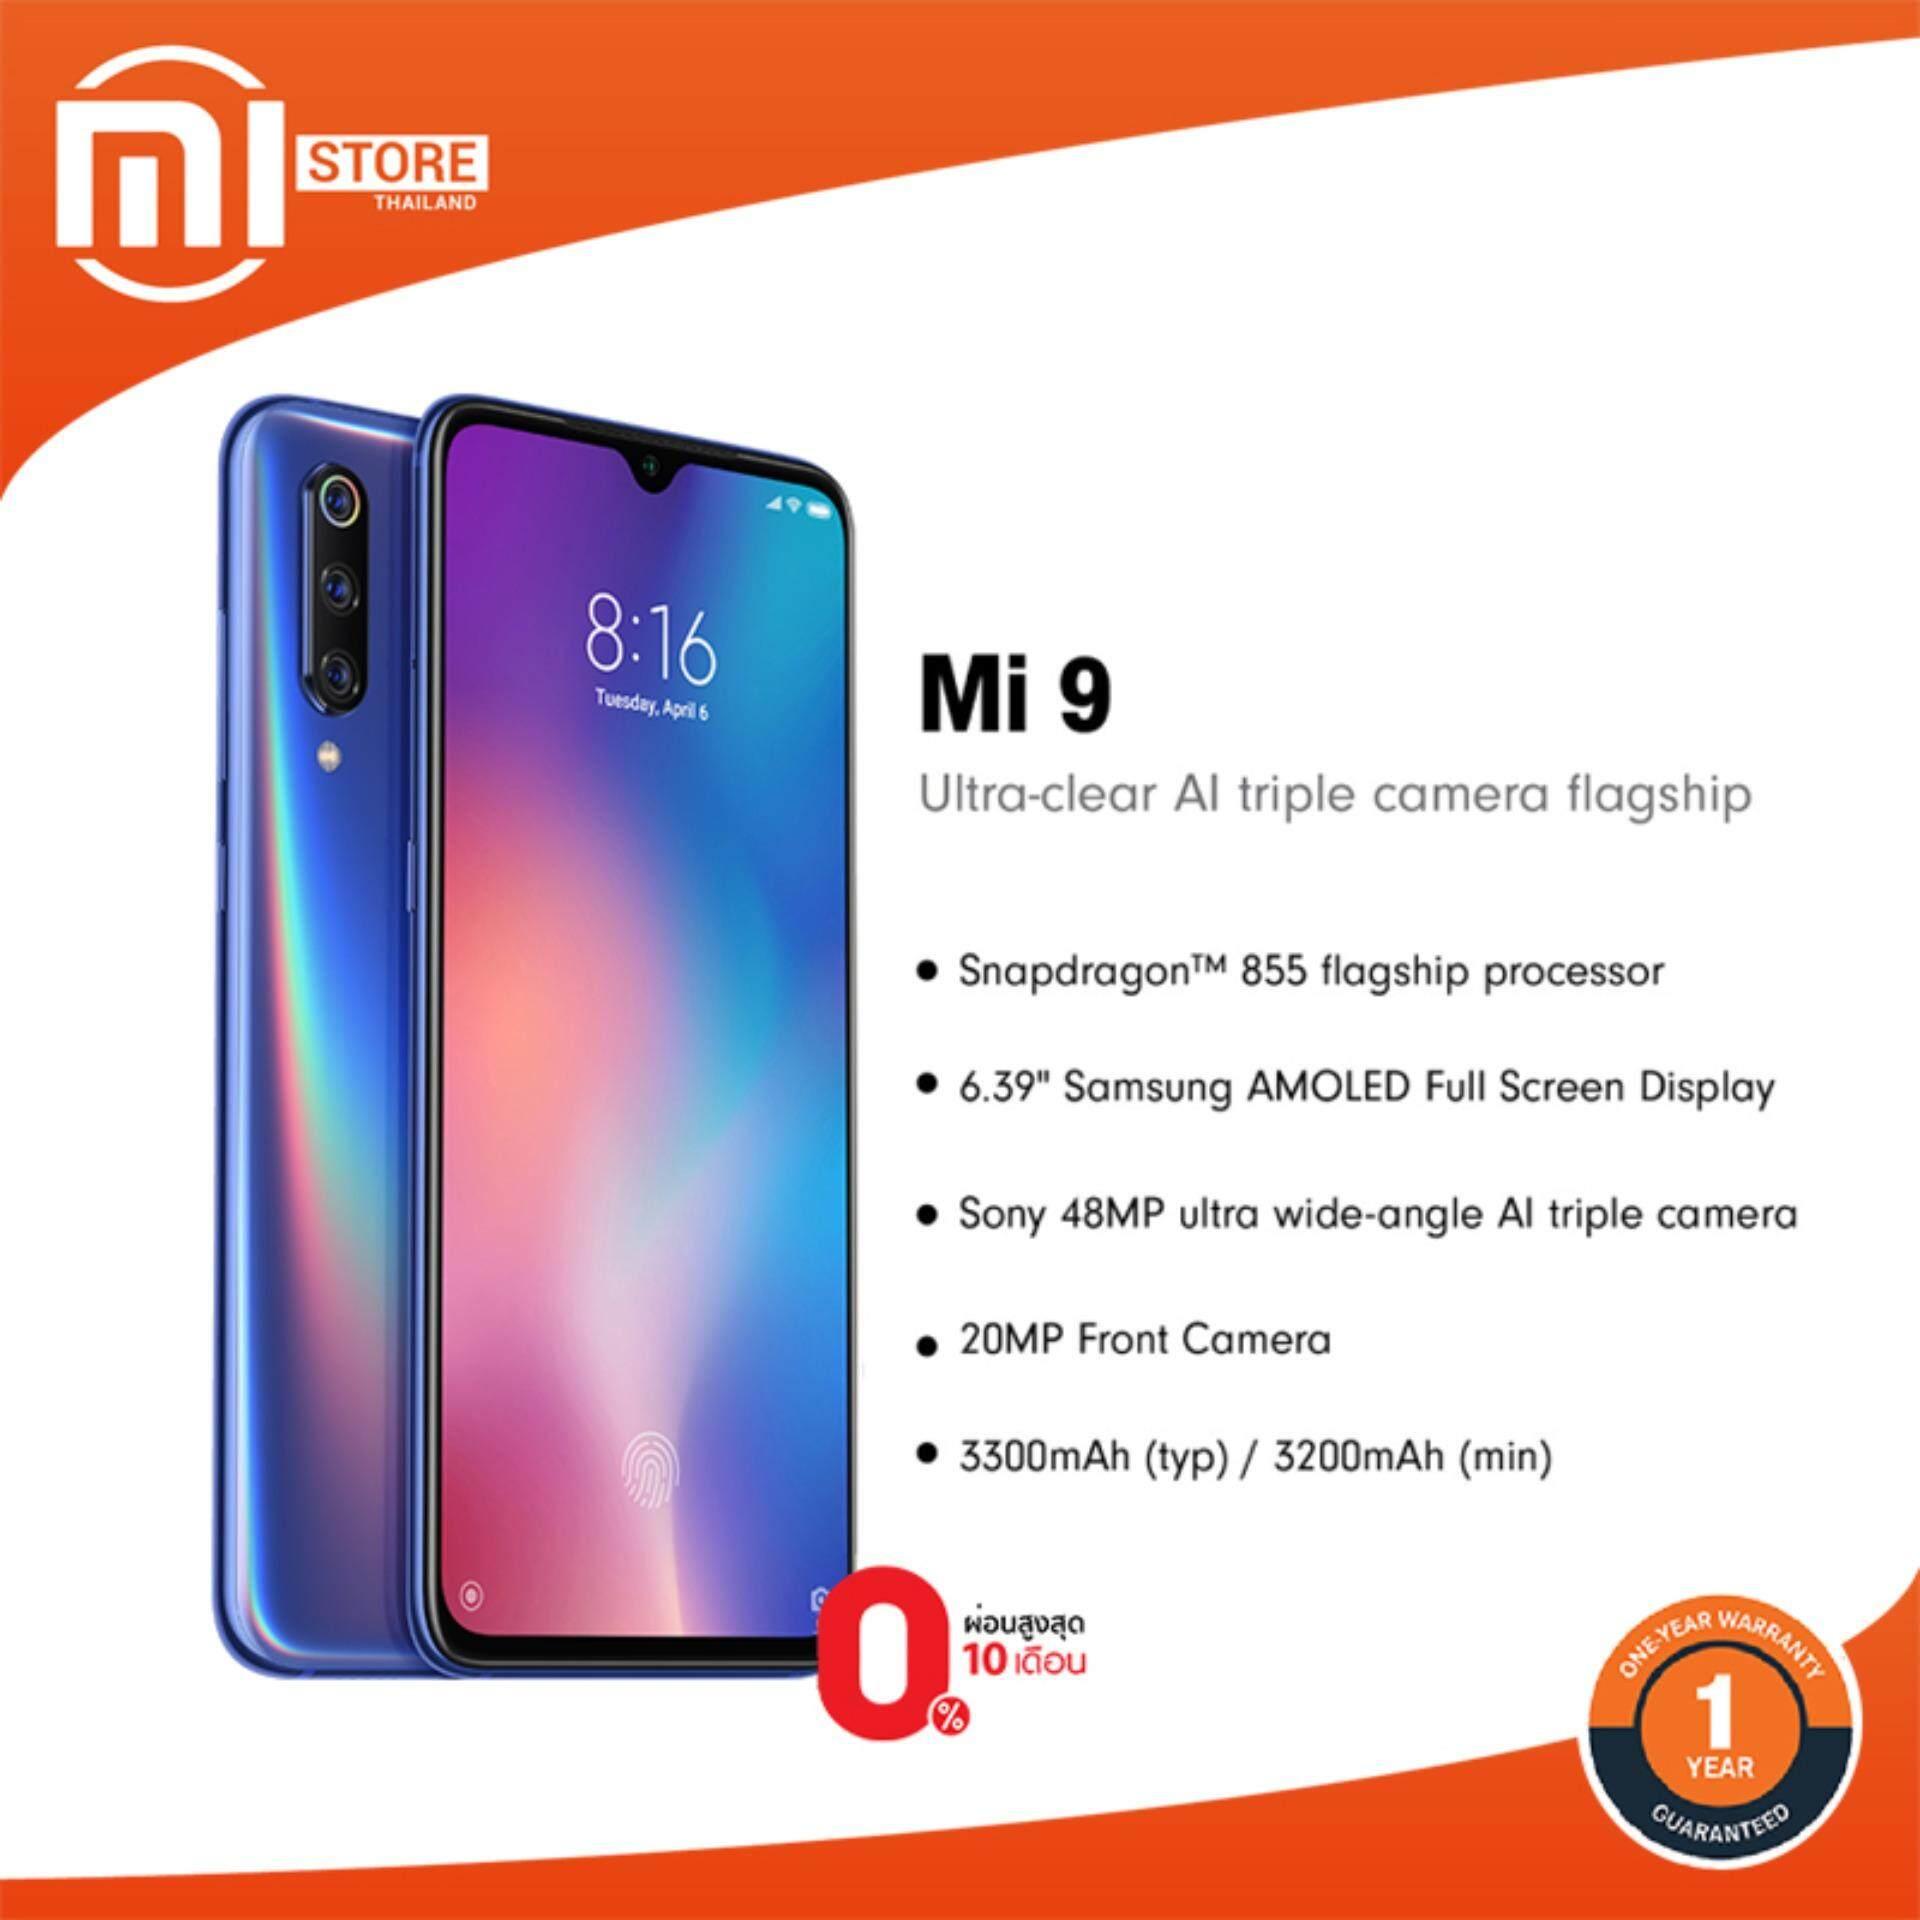 ยี่ห้อนี้ดีไหม  ปัตตานี Mi Store - Xiaomi Mi 9 Ram6/64GB มือถือเรือธง พร้อมขุมพลัง Snapdragon 855 ในราคาสุดตื่งกระดิ่งแมว